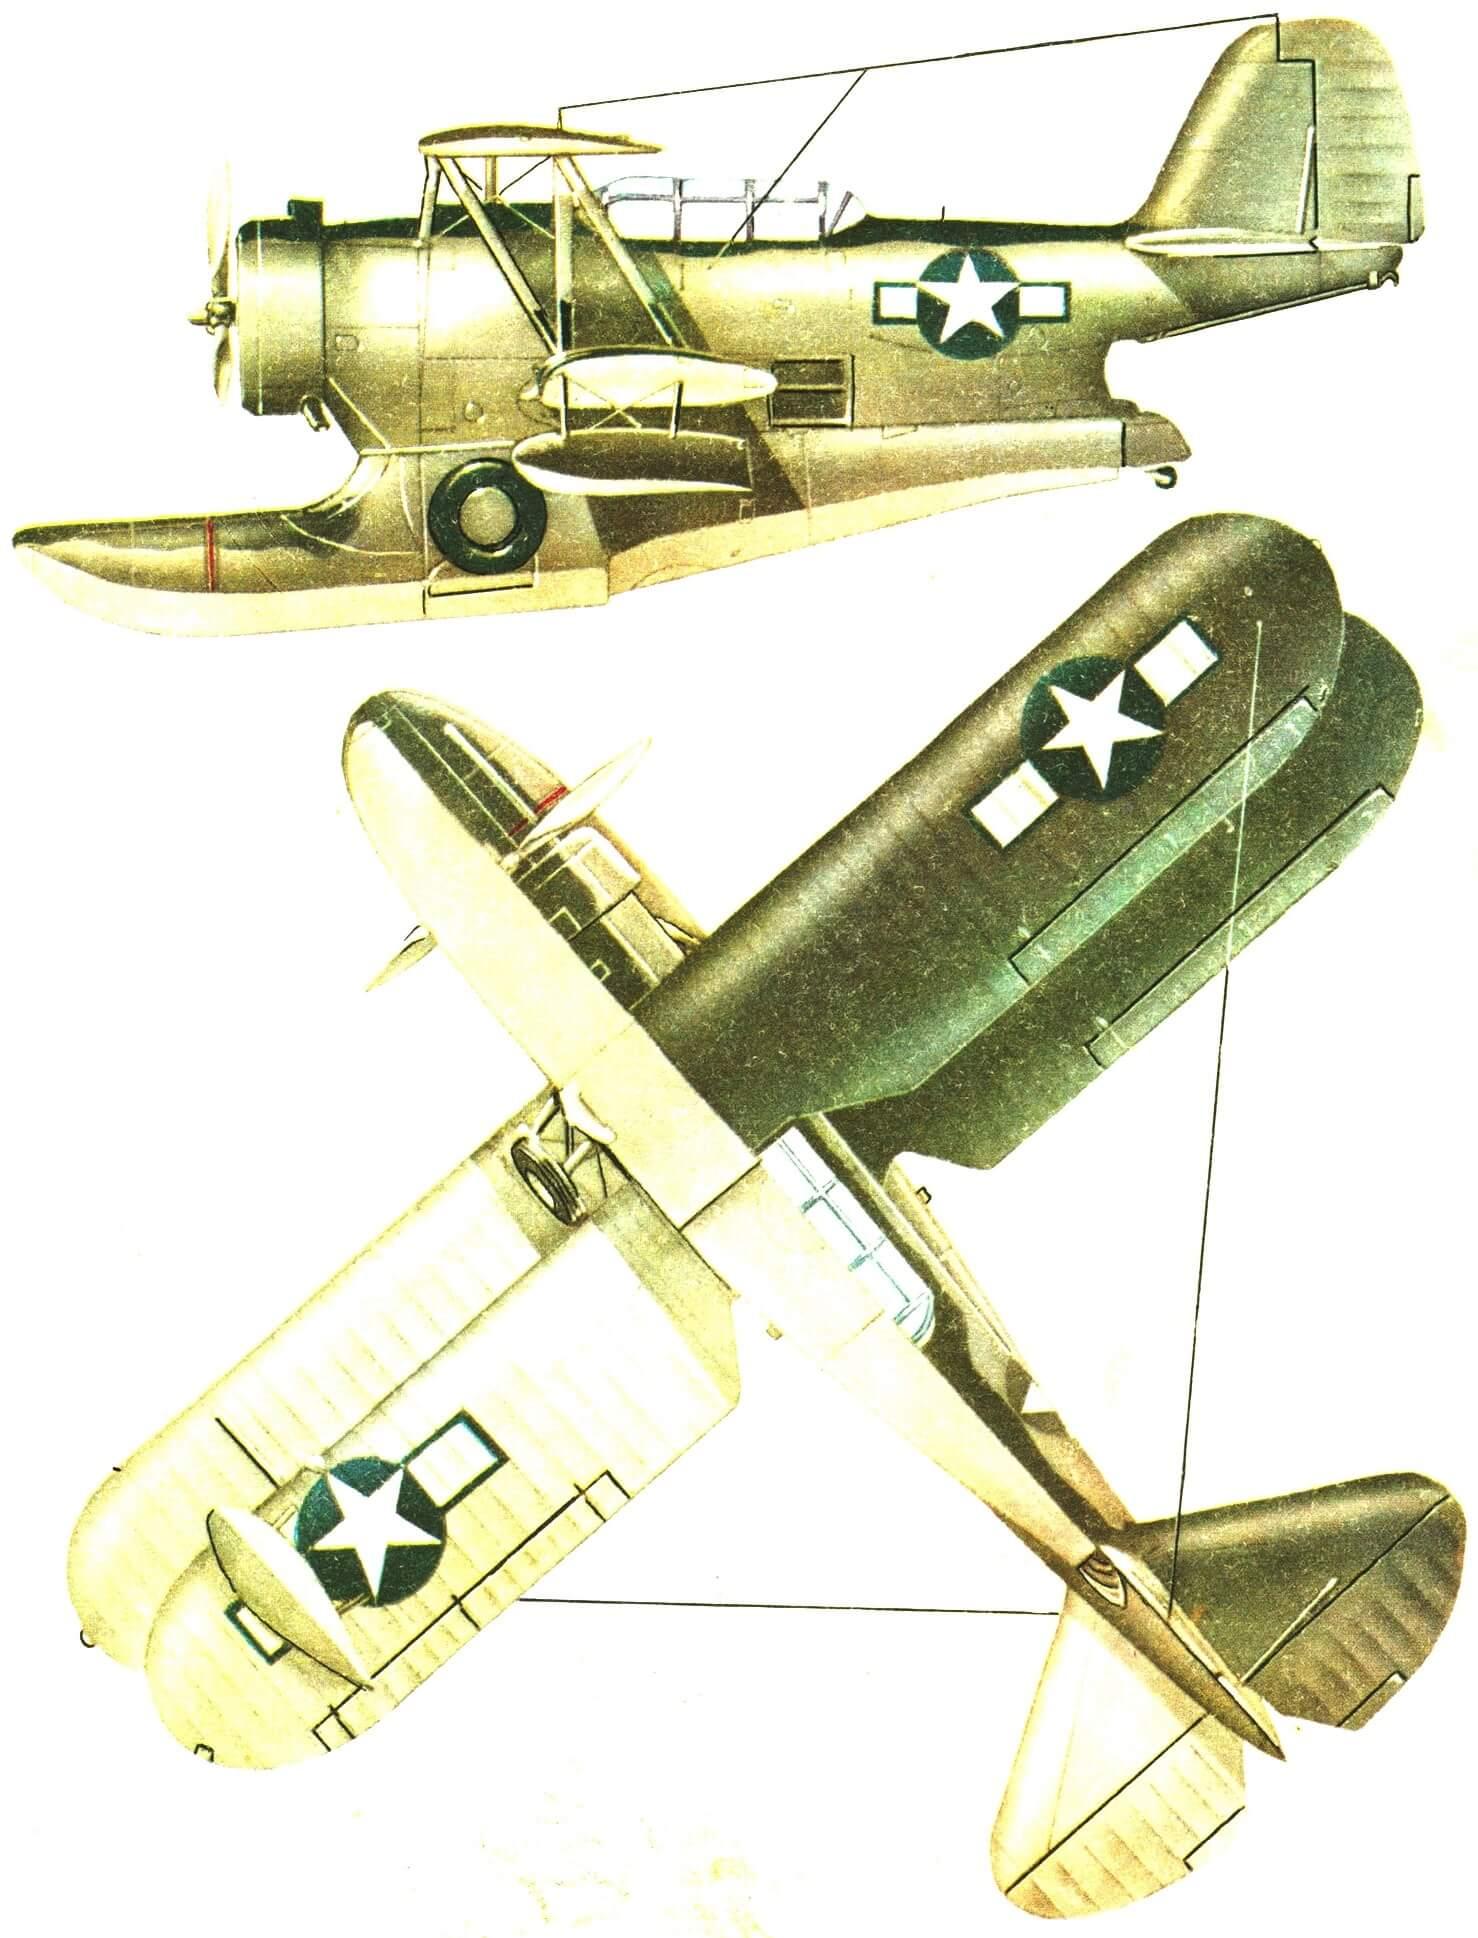 Типовая окраска гидросамолета GRUMMAN J2F-6 морской авиации США в конце второй мировой войны.